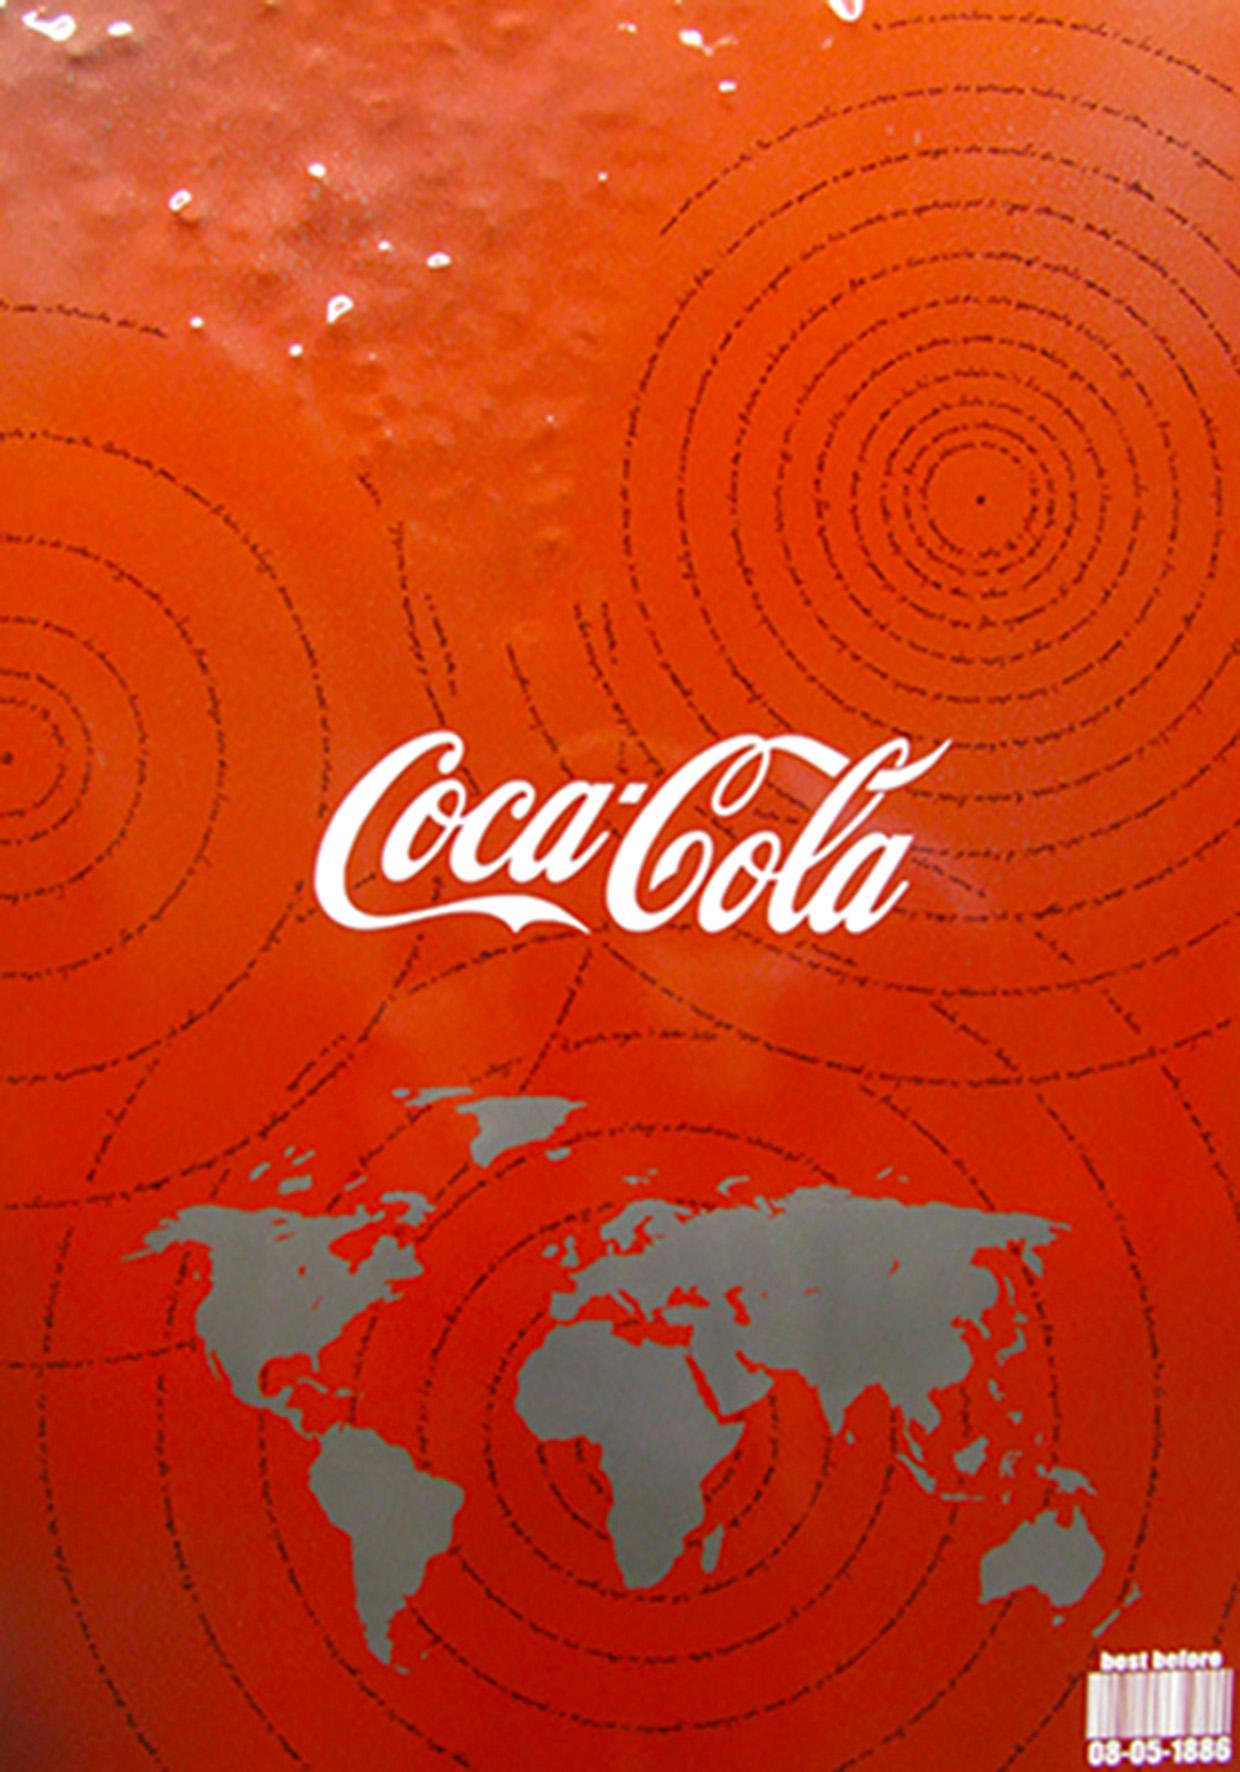 Christian Costa, 'Mondo ammaccato, Coca-Cola', 2016, acciaio inox, 70x50 cm. © l'artista/CSA/FuoriCentro